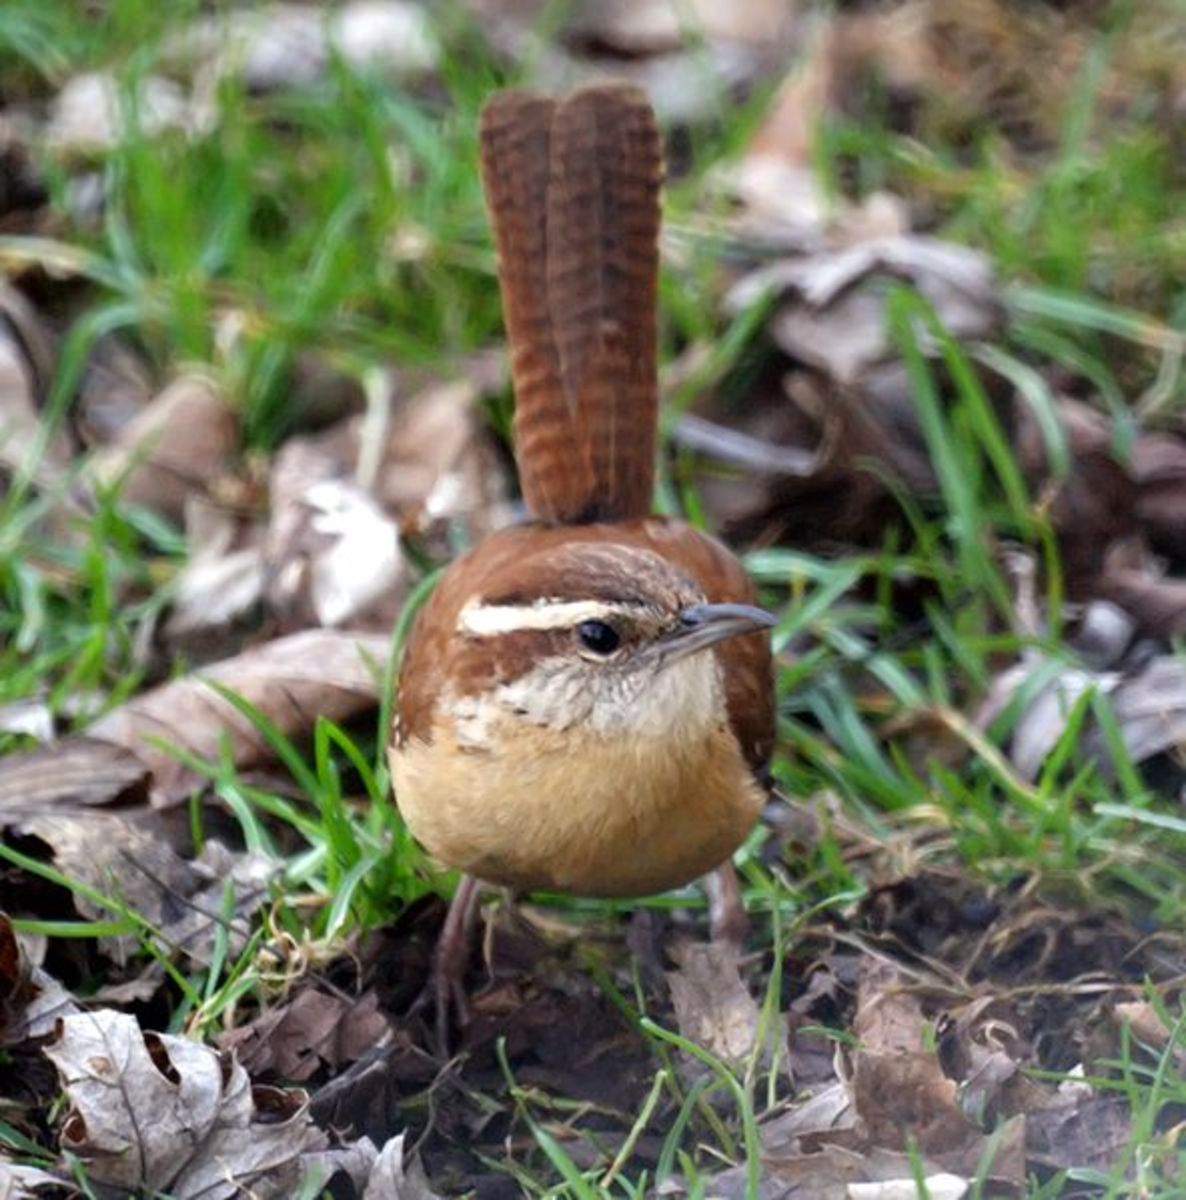 Carolina Wren Back Yard Birds Of North Carolina Owlcation Education